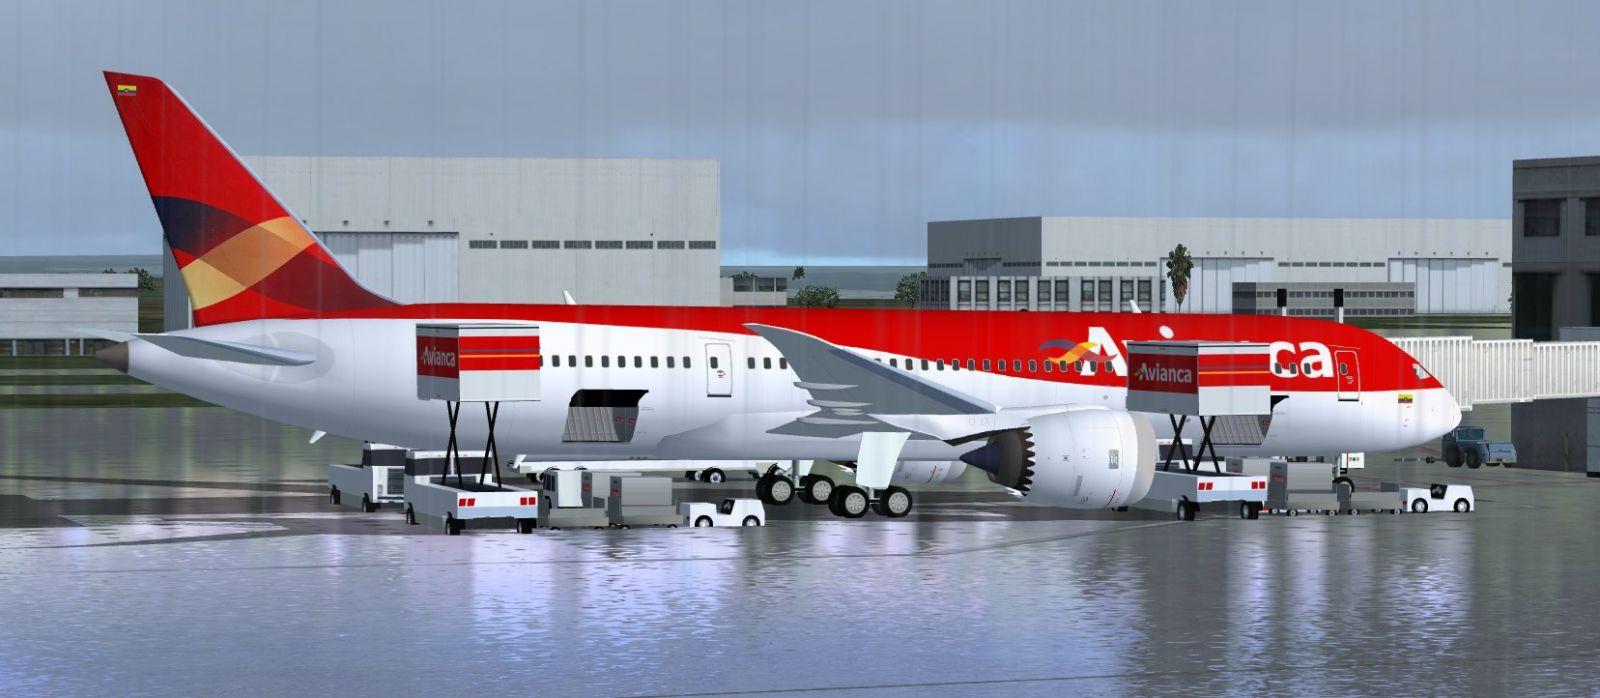 Avianca boeing 787 8 for fsx for Interior 787 avianca